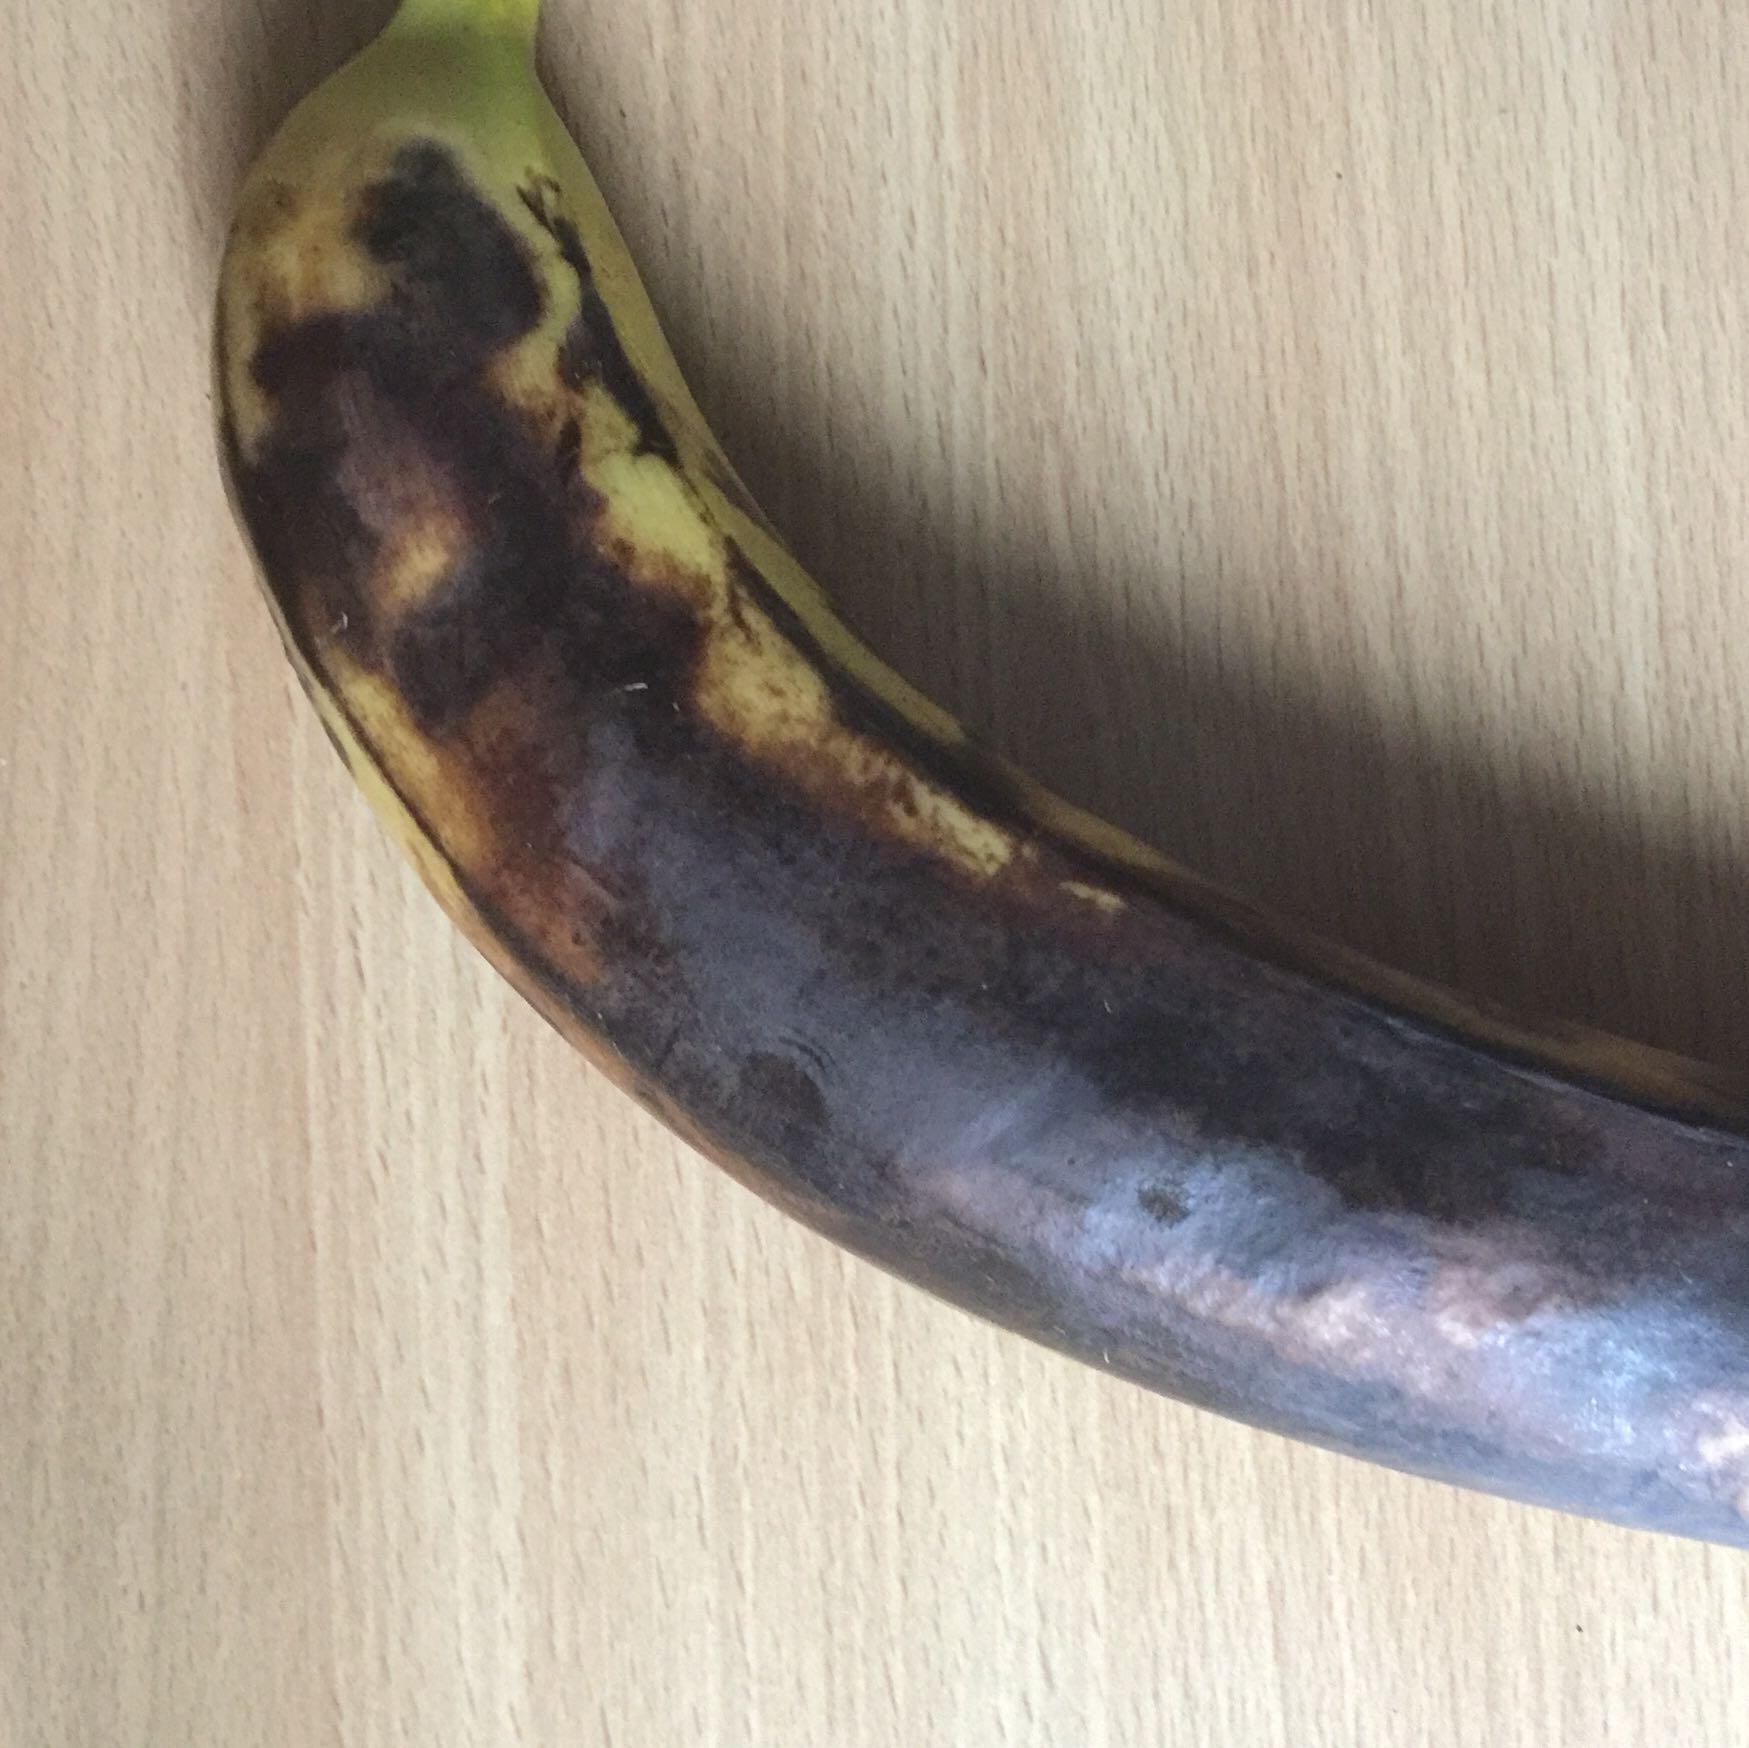 kann man diese banane noch essen oder w re das ungesund gesundheit ern hrung krankheit. Black Bedroom Furniture Sets. Home Design Ideas